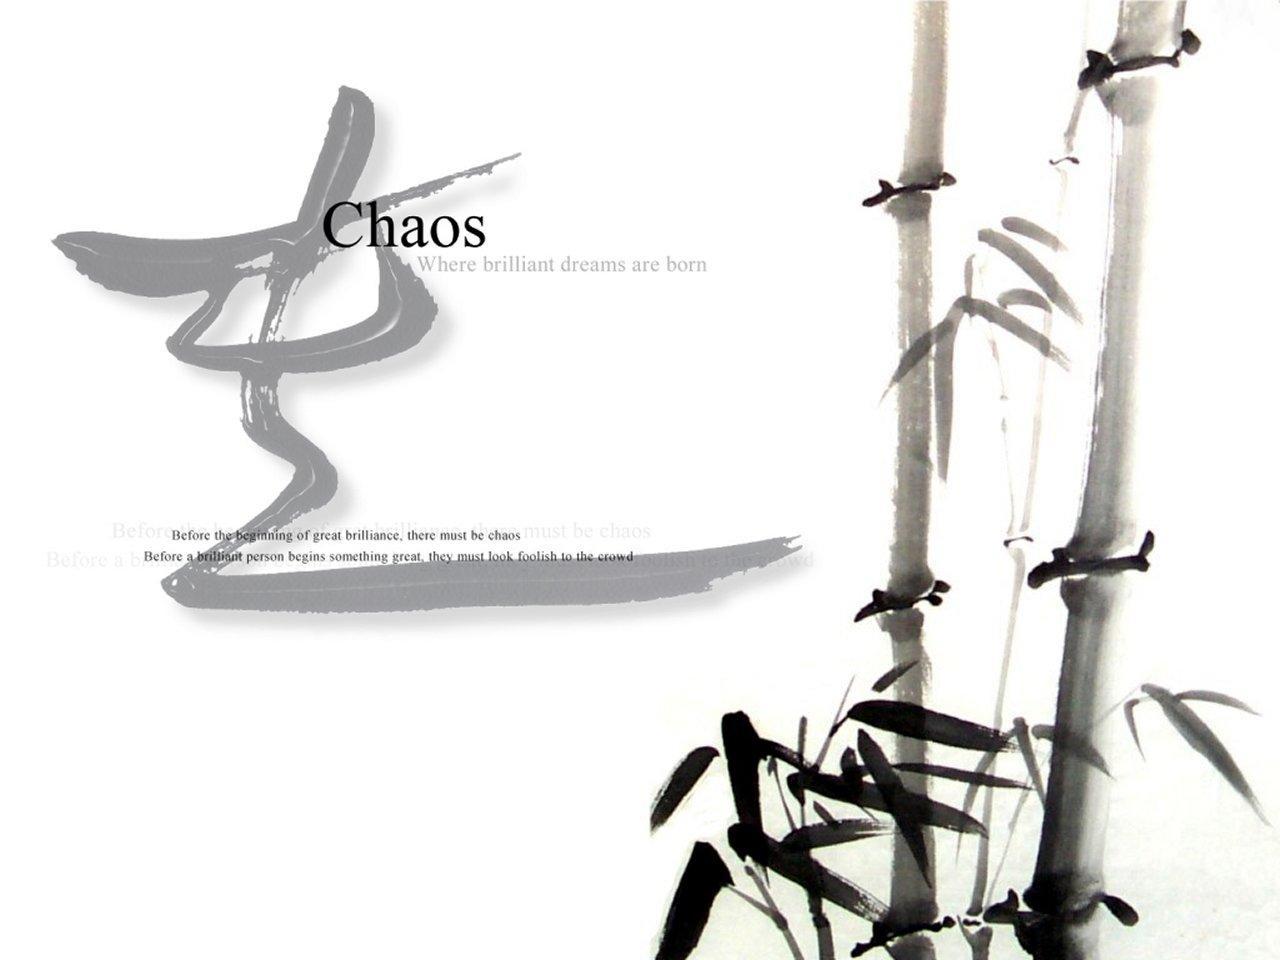 中国风吧 一些中国风的图片-时尚中国风 时尚中国风服装 中国风